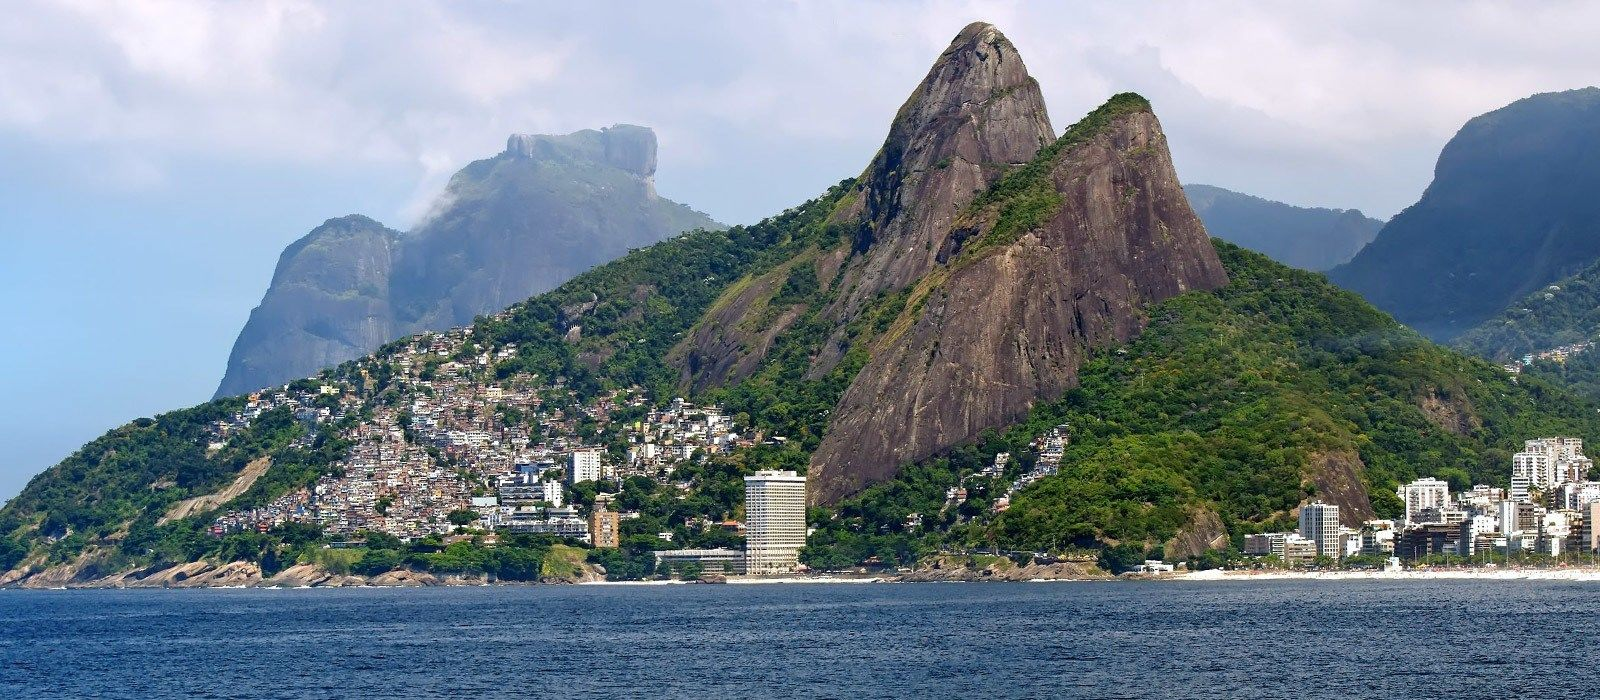 Destination Rio de Janeiro Brazil